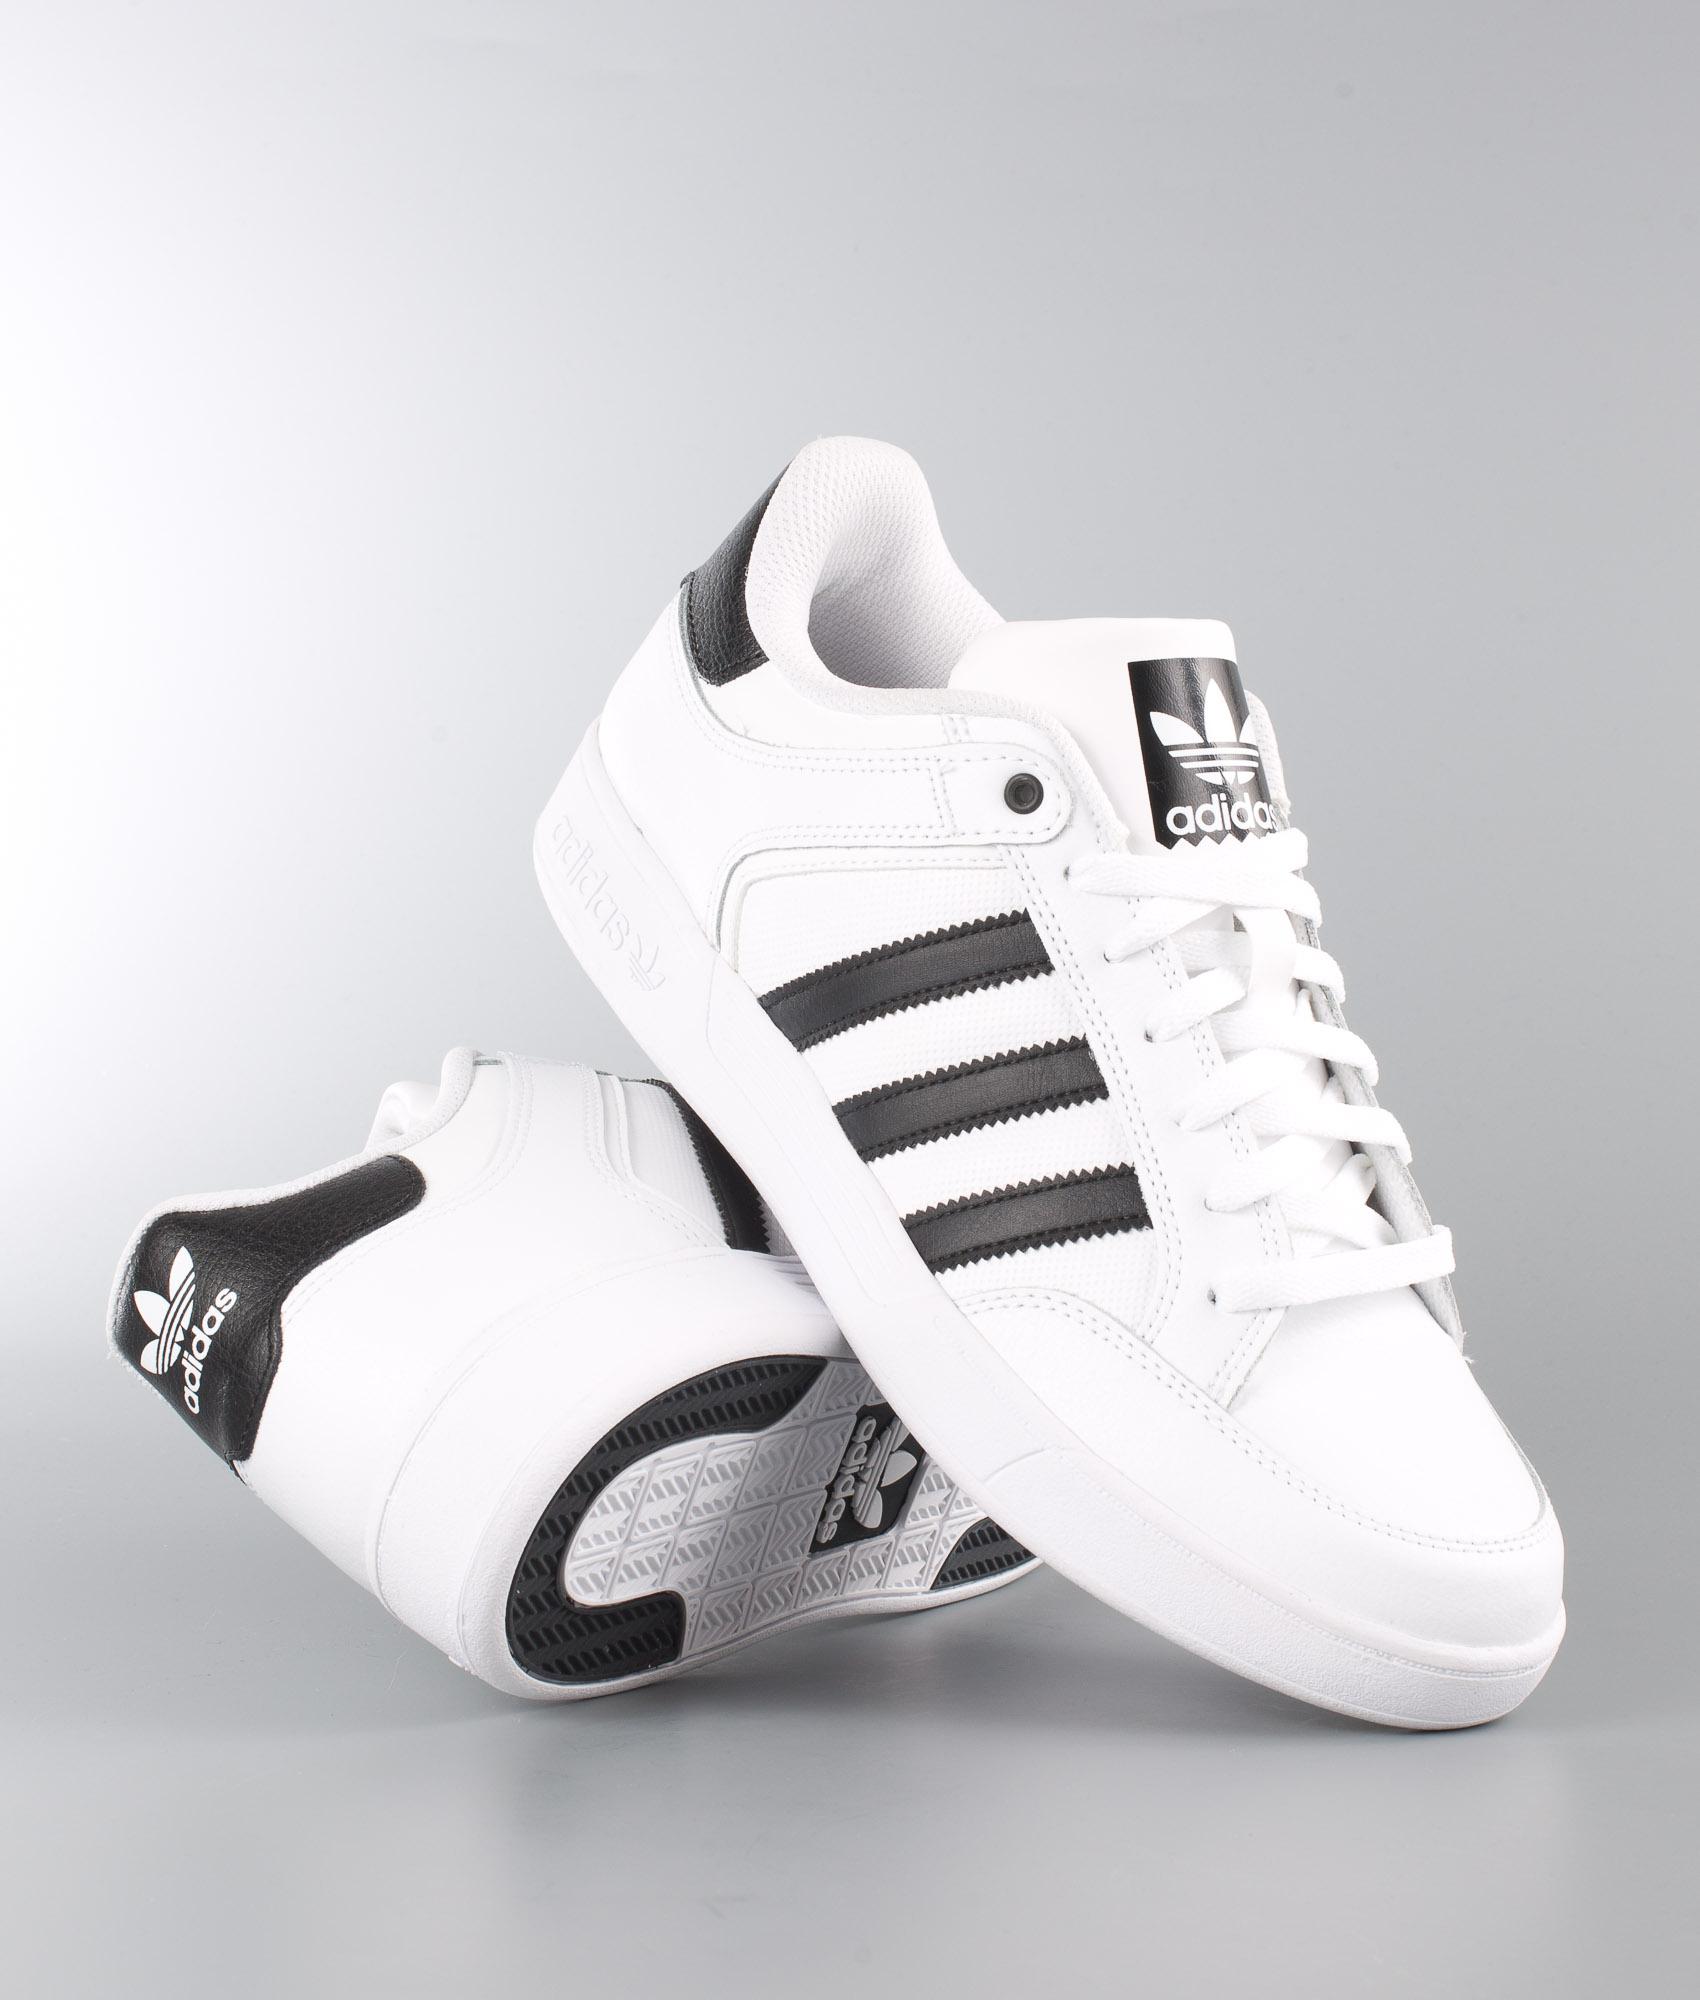 Kjøp Adidas® Sko Norge | 30 Dagers Fri Retur Udsalg På Nett